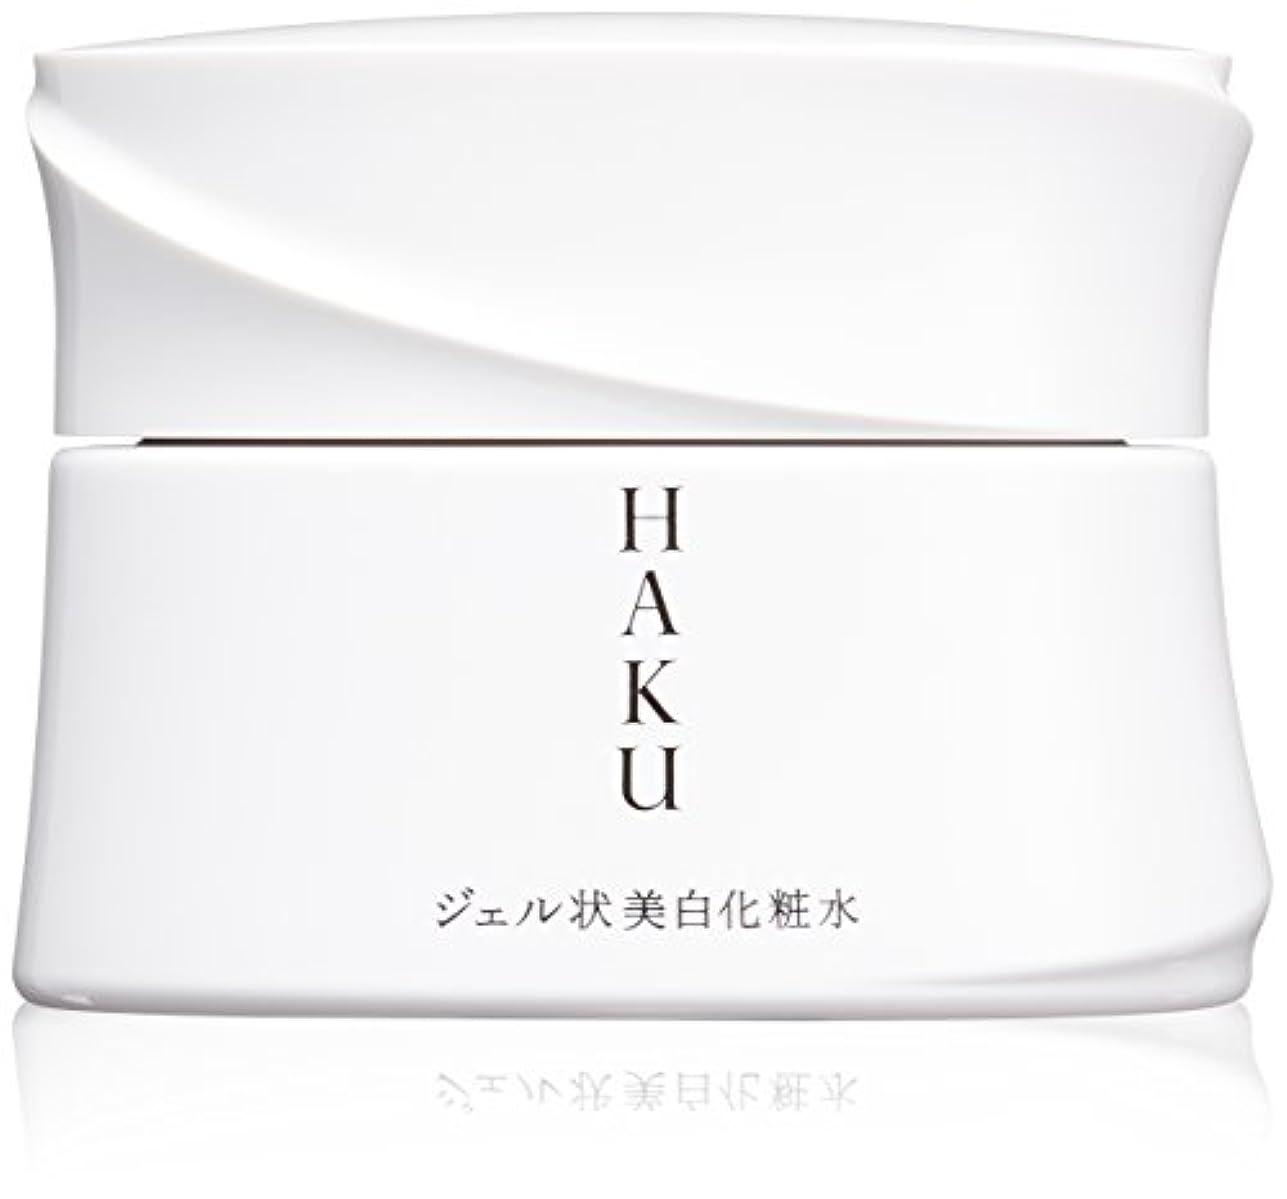 本物の期待アルミニウムHAKU メラノディープモイスチャー 美白化粧水 100g 【医薬部外品】